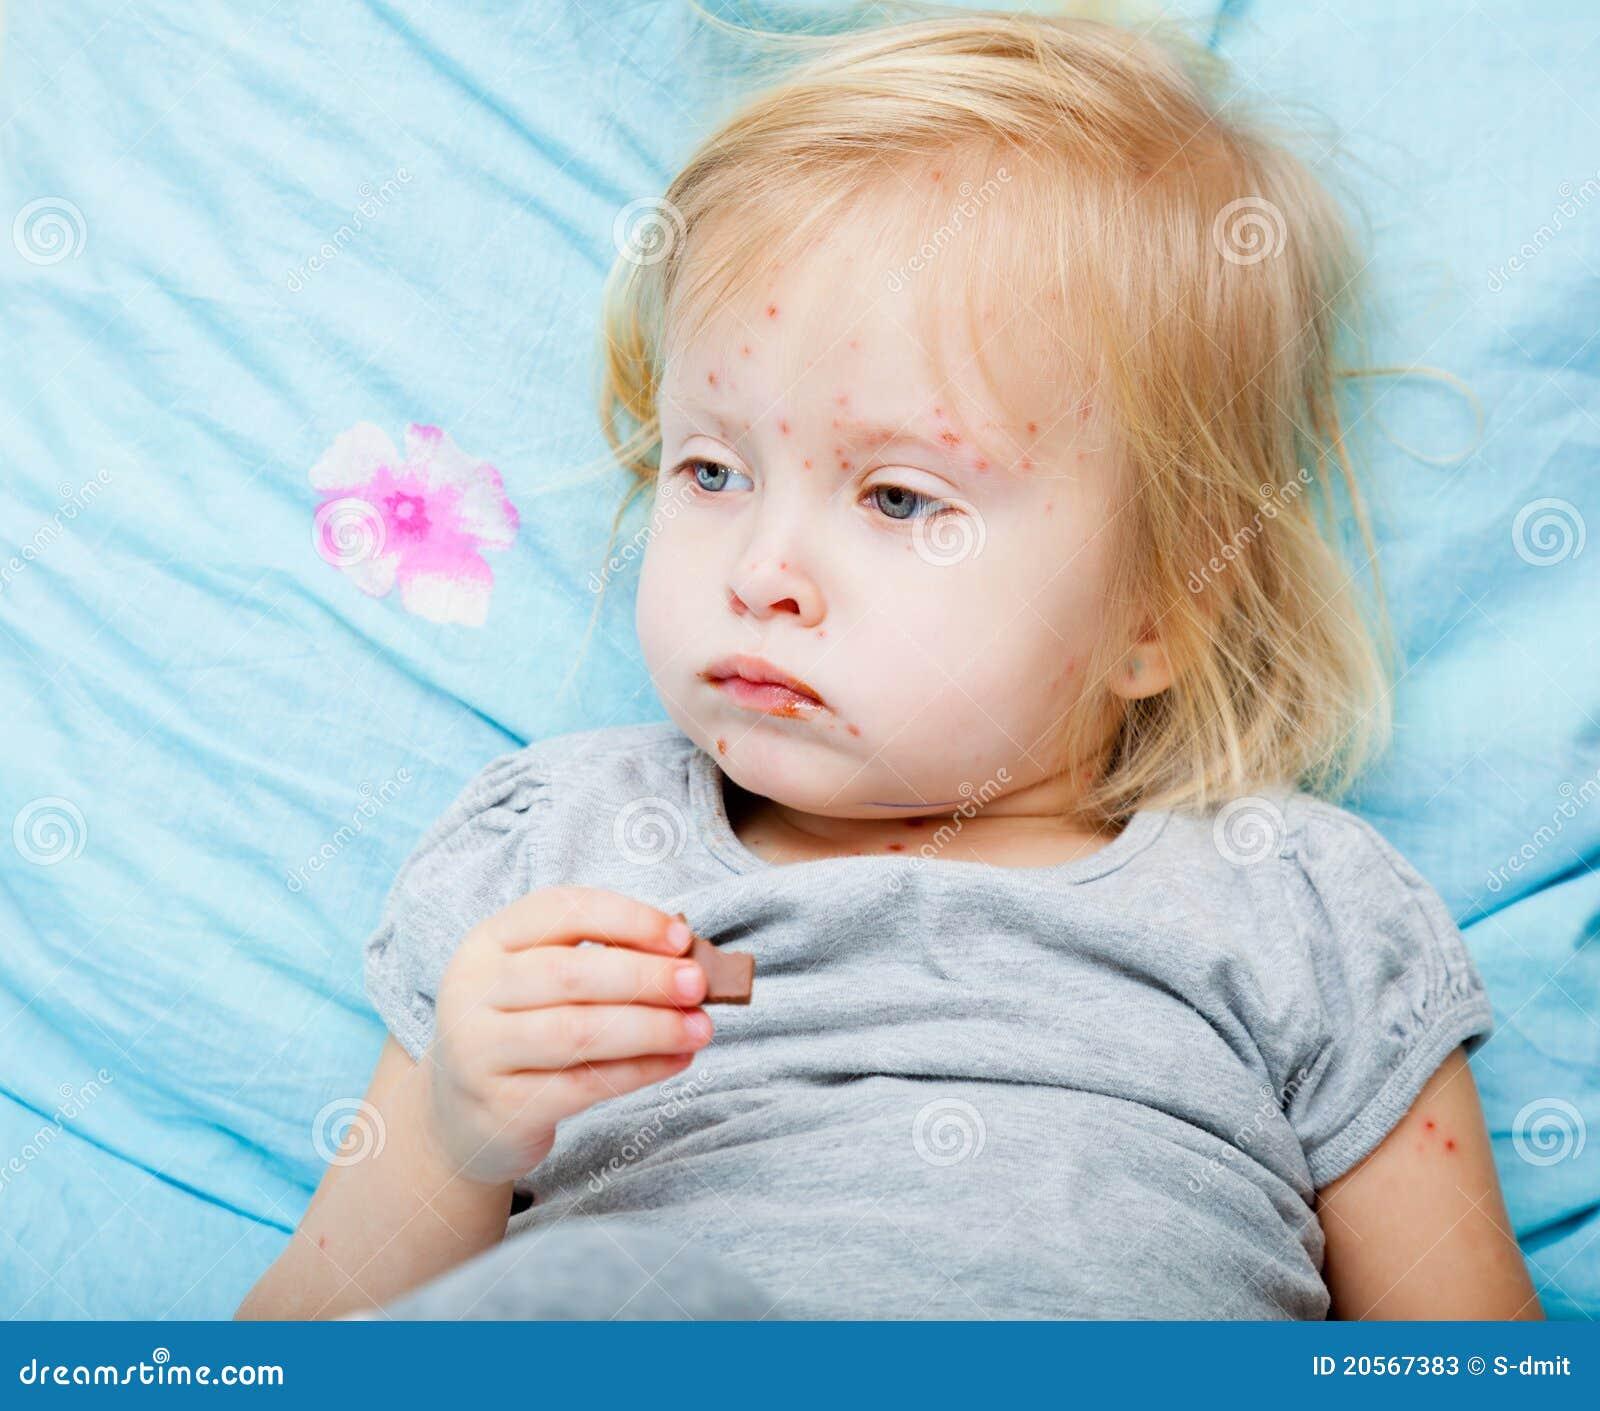 Sick girl is eating chocolate